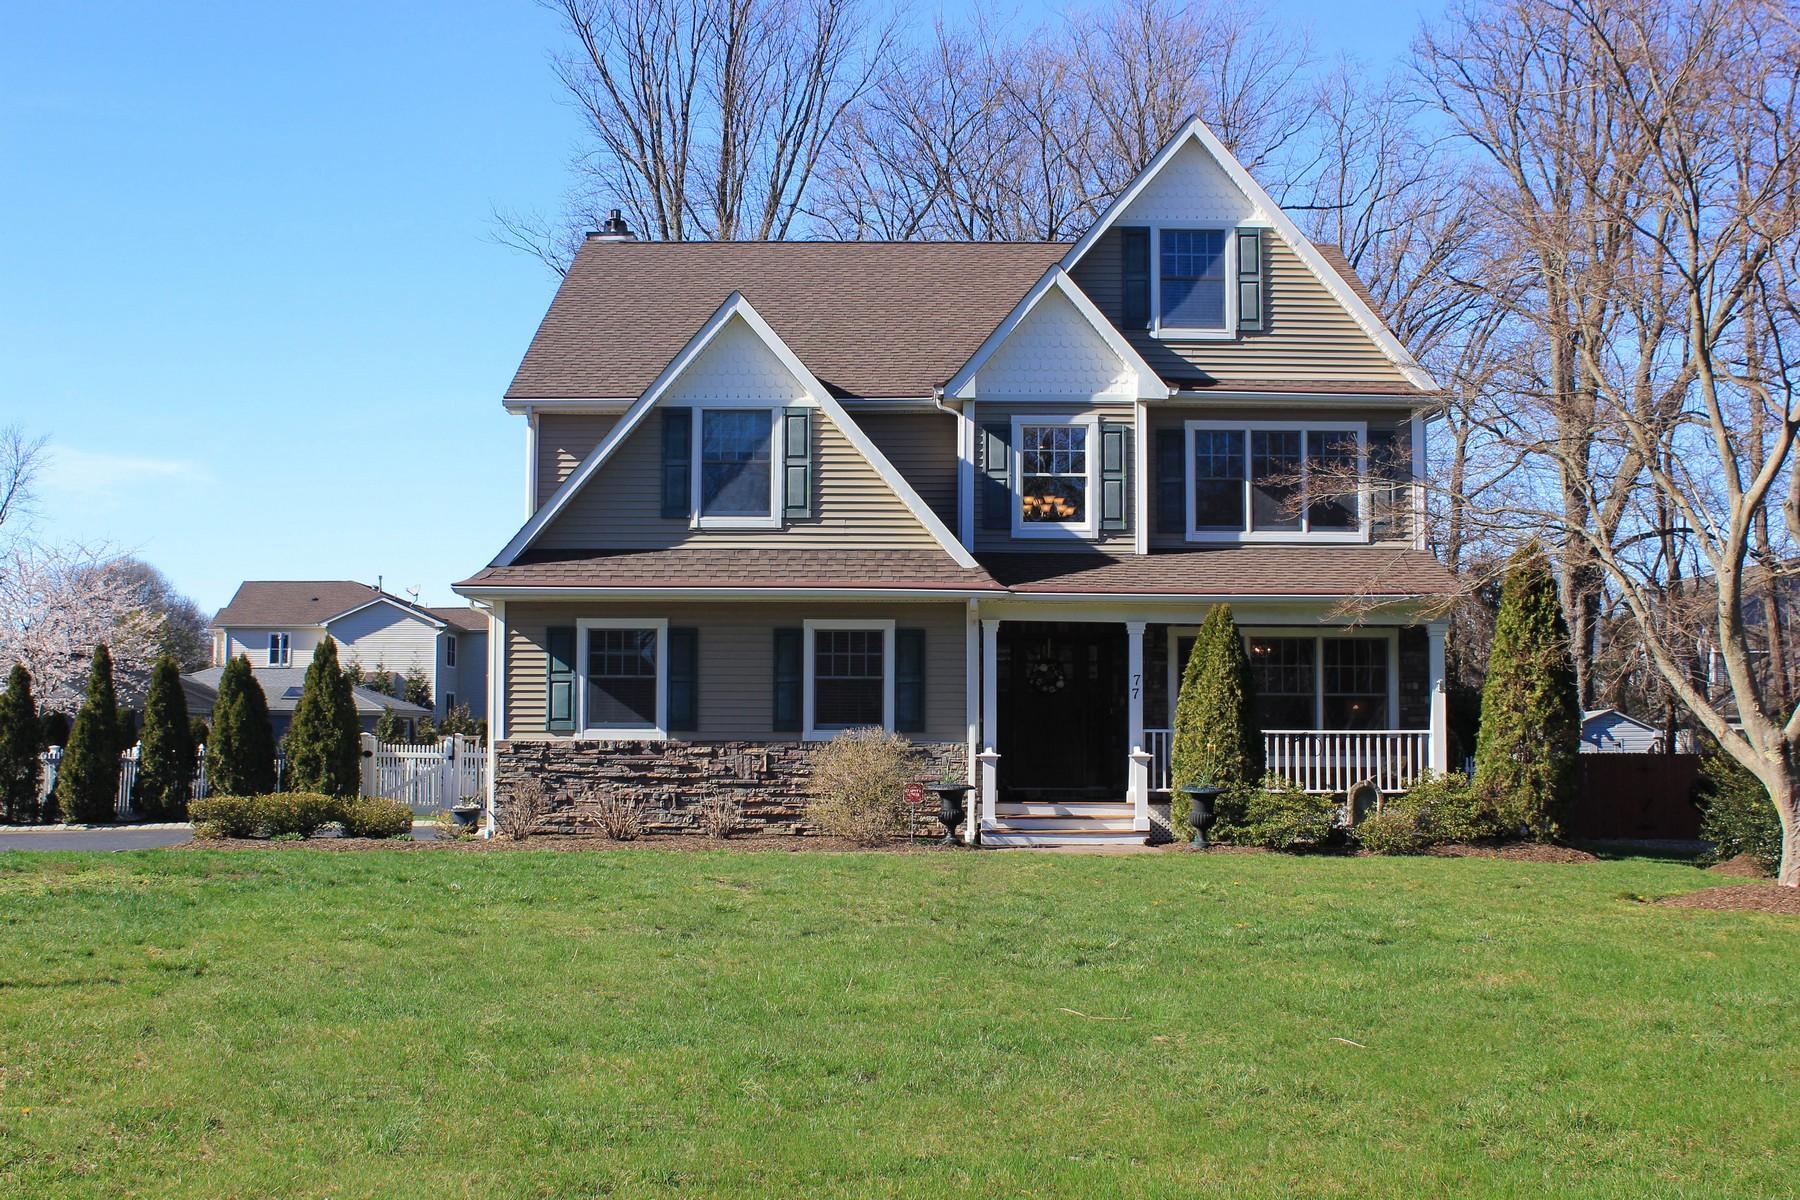 一戸建て のために 売買 アット 77 Sycamore Ave. Little Silver, ニュージャージー, 07739 アメリカ合衆国